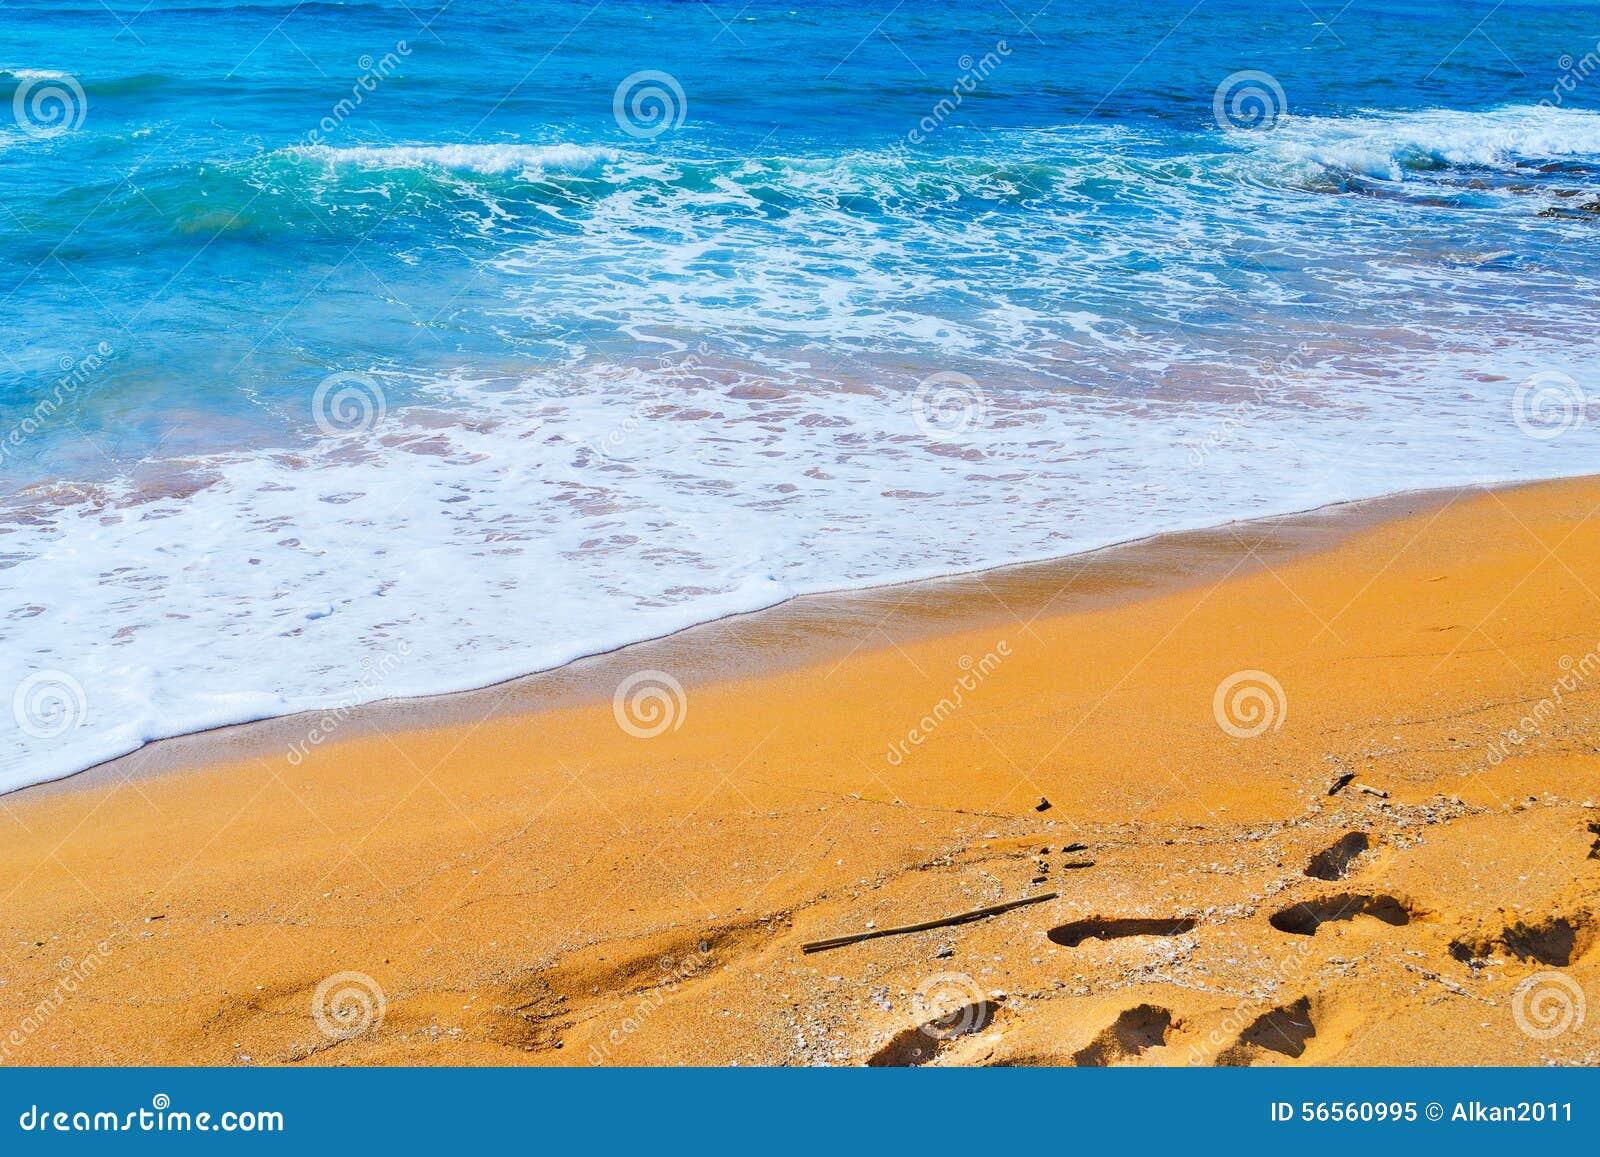 Download Χρυσή ακτή και μπλε θάλασσα Στοκ Εικόνα - εικόνα από ιταλία, φυσικός: 56560995